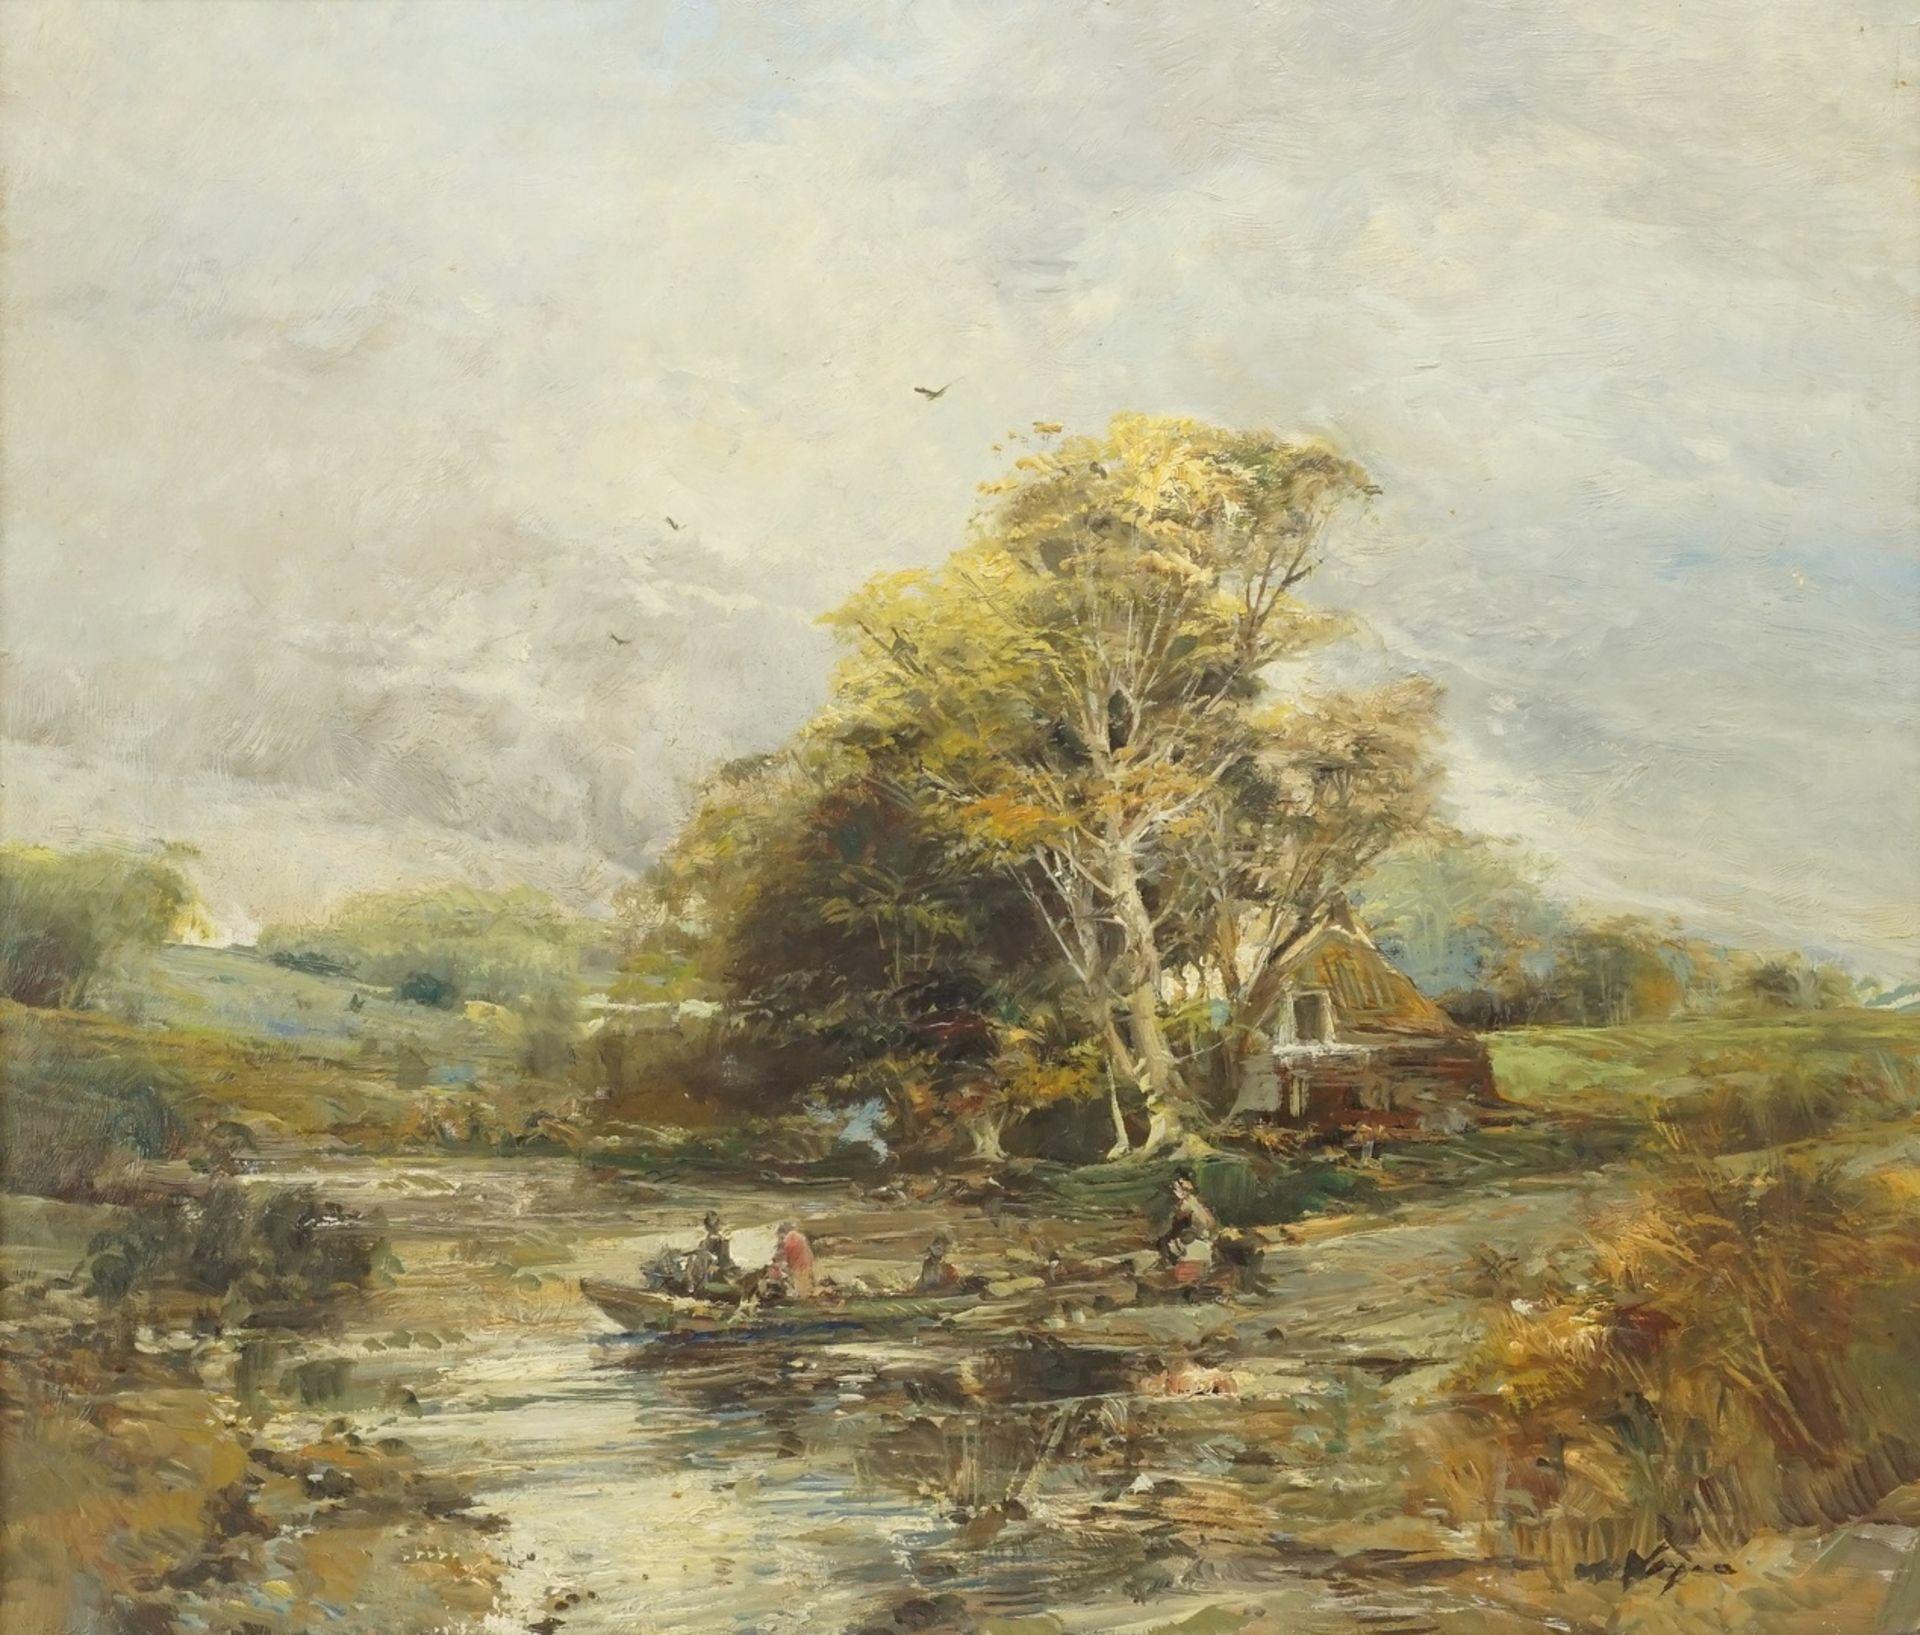 Unbekannter Künstler, Abendstimmung am Fluss